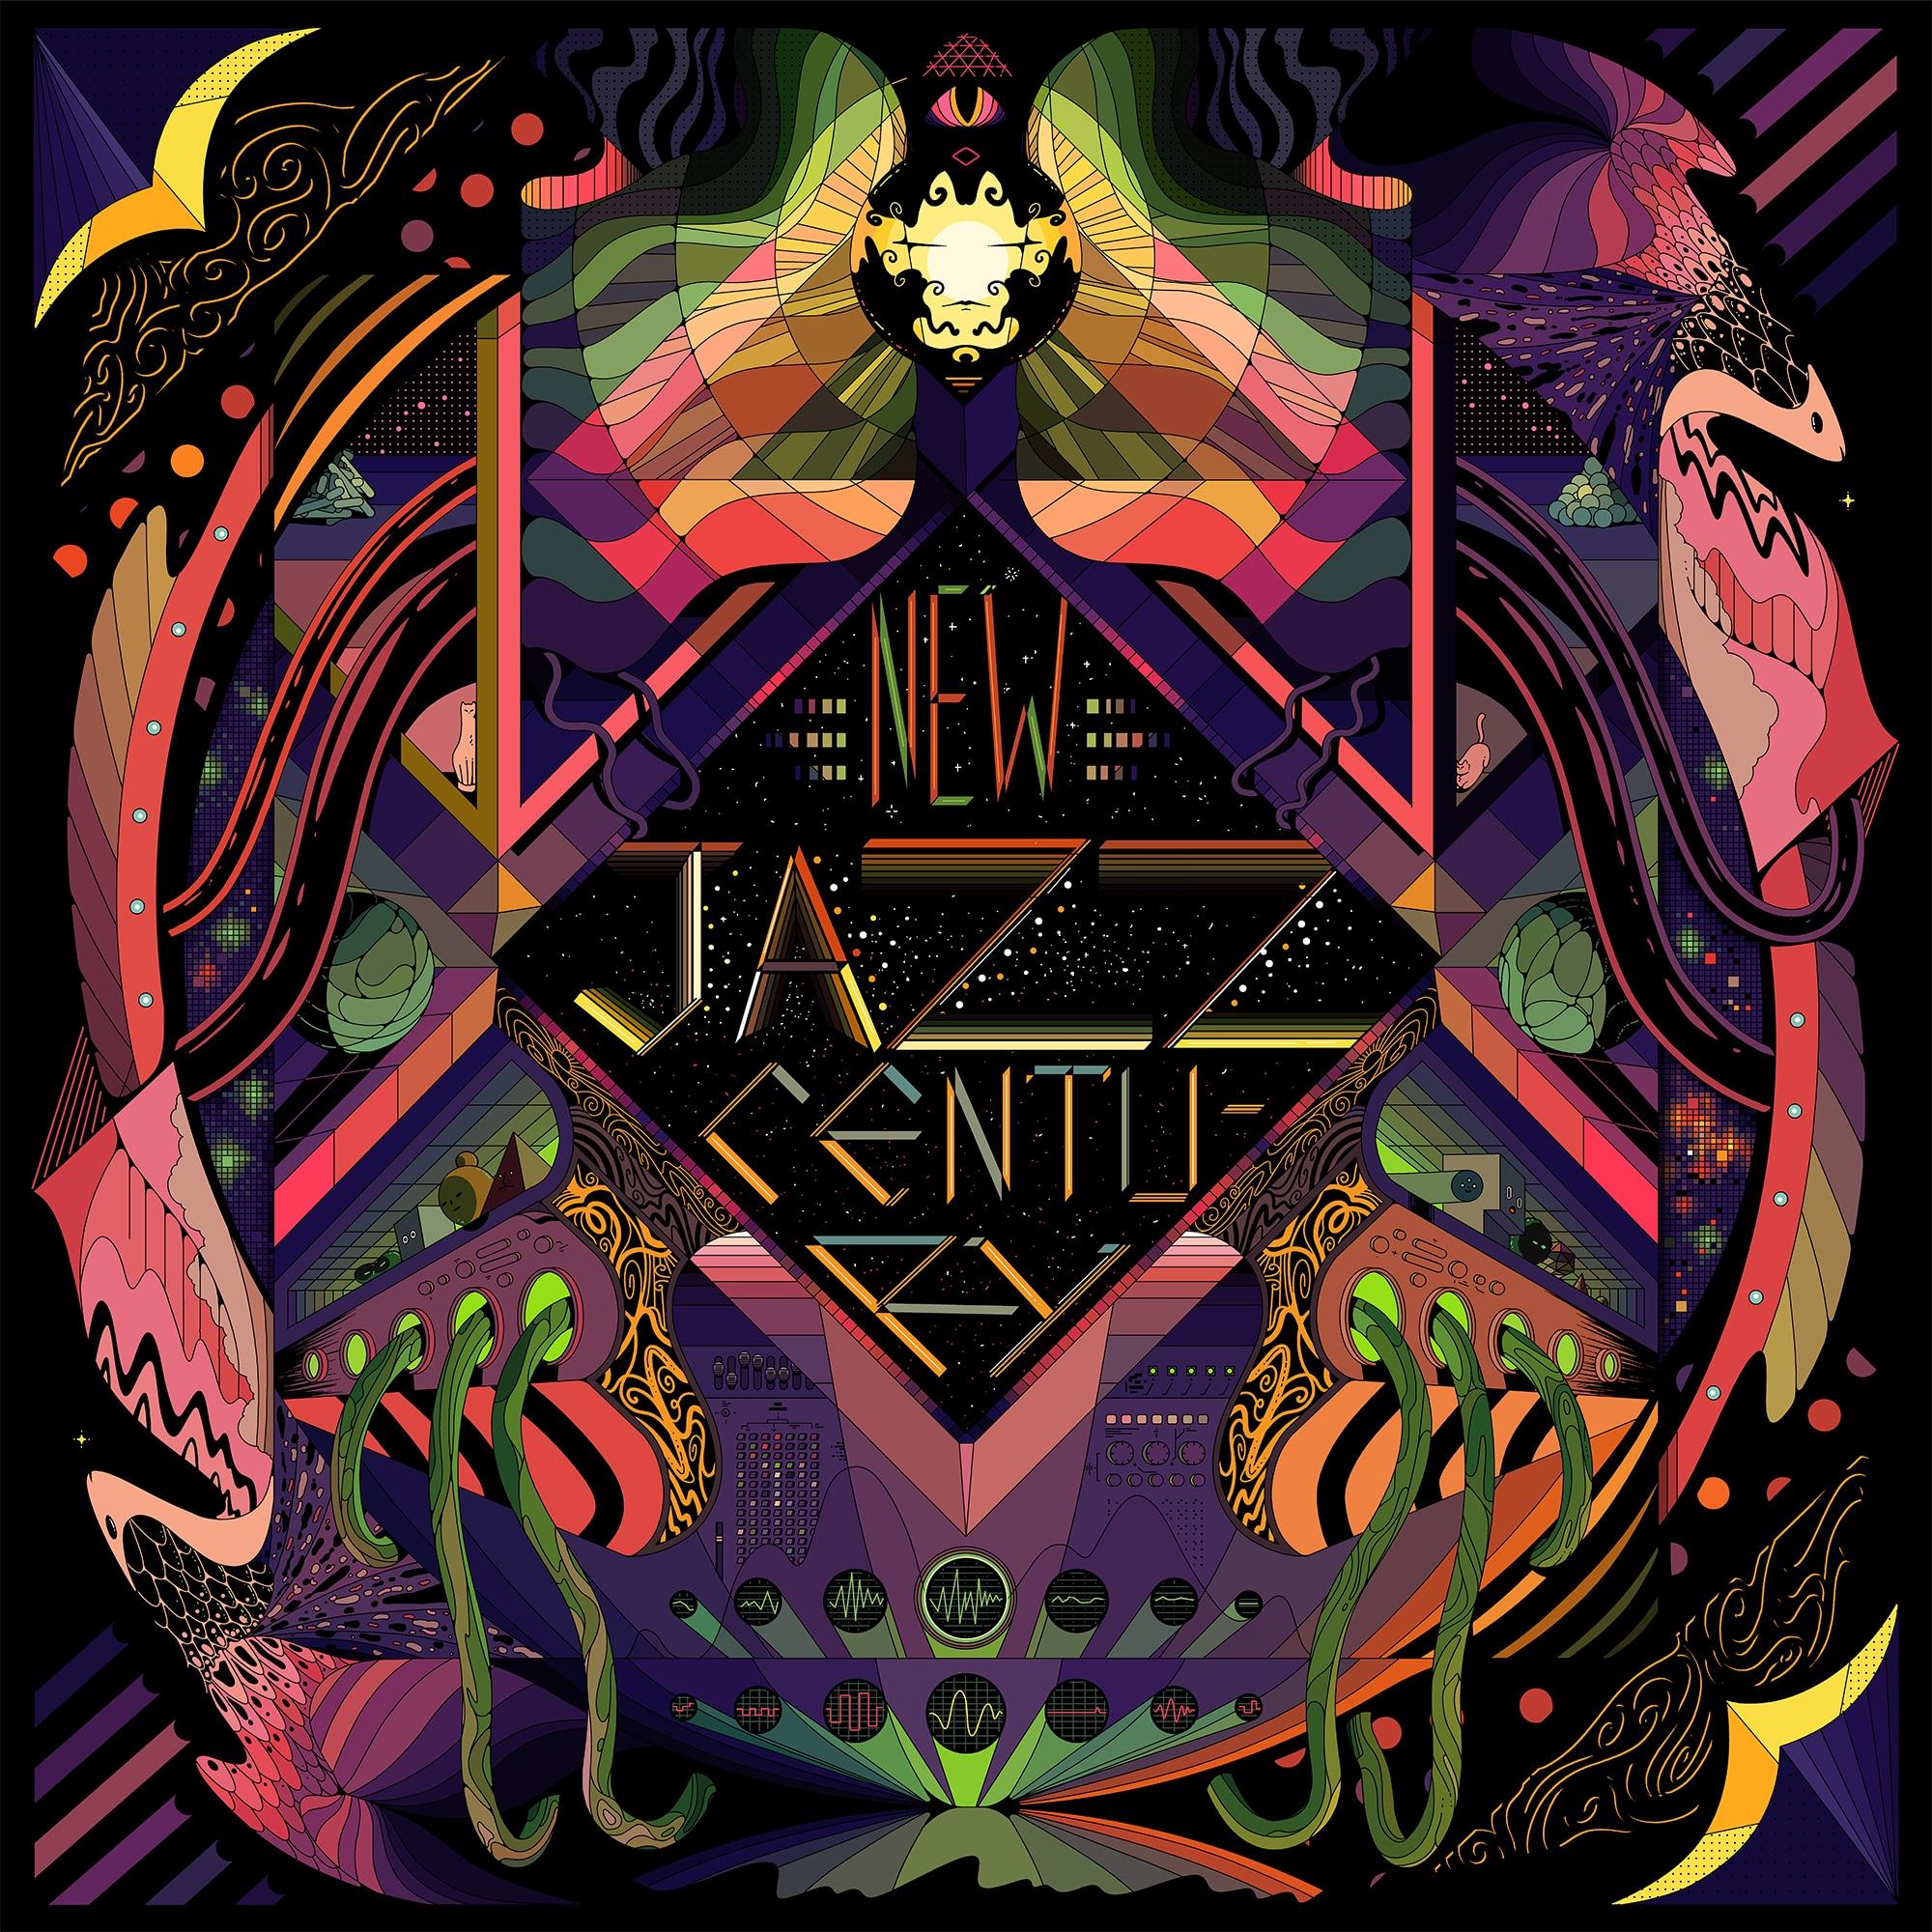 New Jazz Century